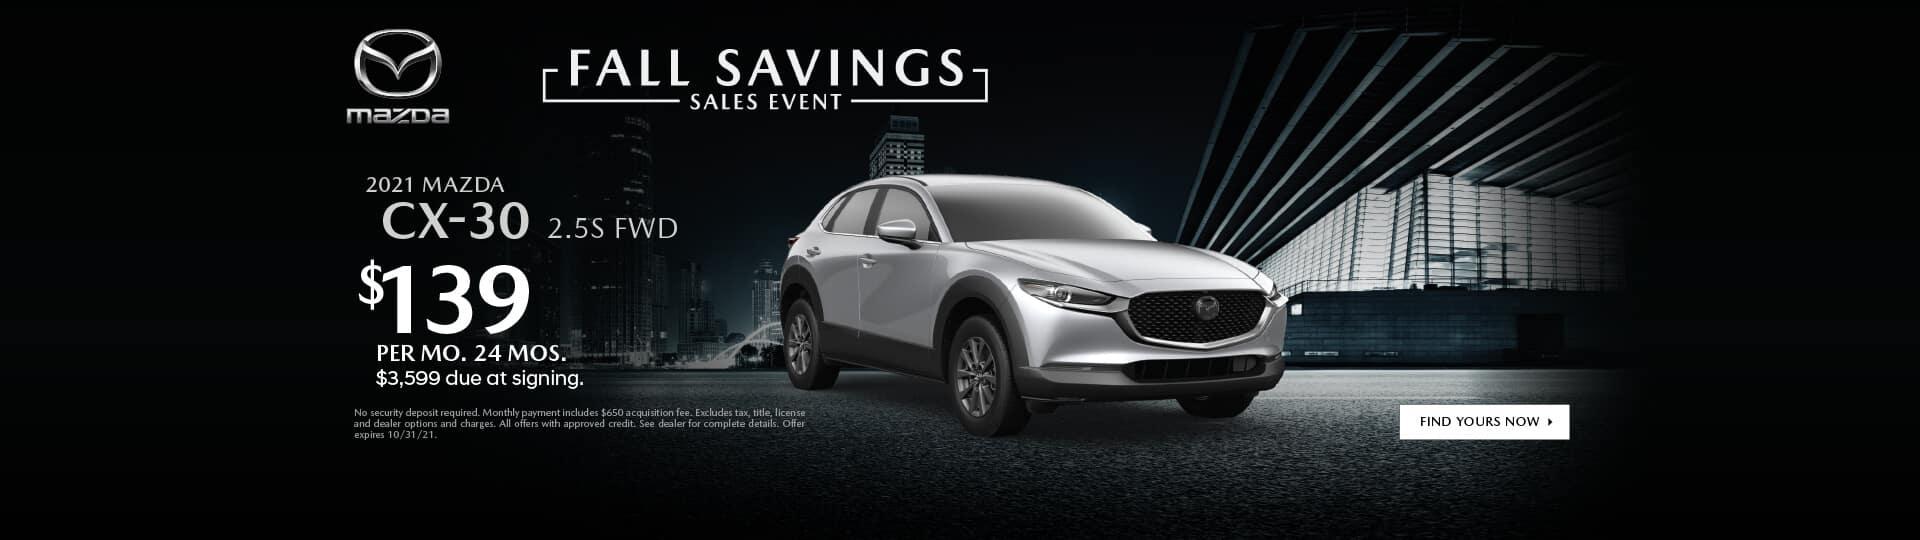 2021.08.27-Keffer-Mazda-SEPT-OCT-Web-Banners-S53876vw-5